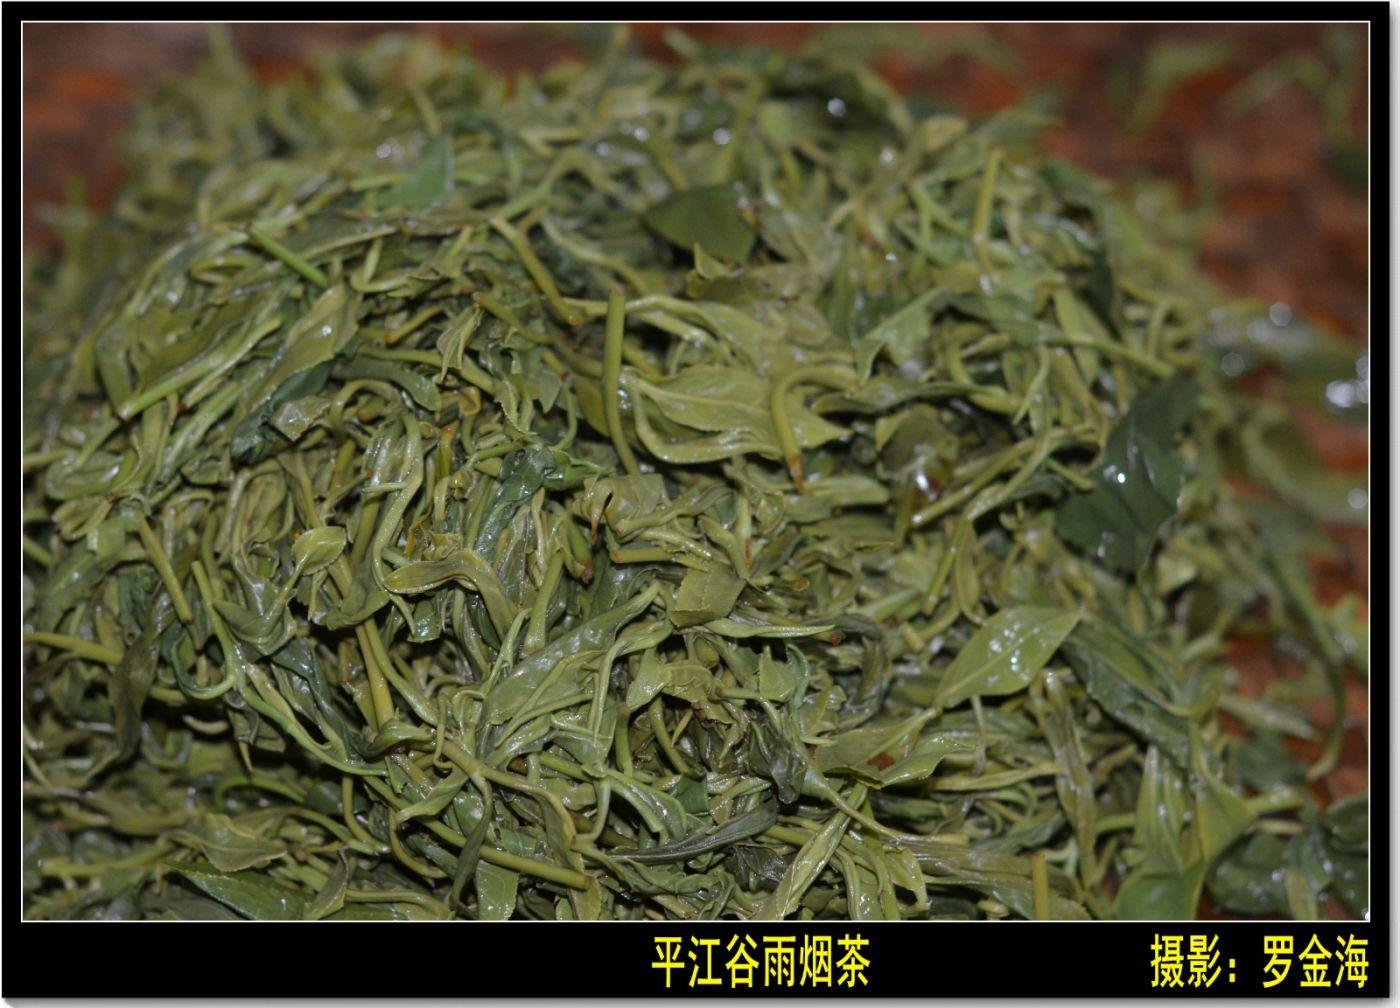 平江烟茶赋(古典诗词)_图1-3